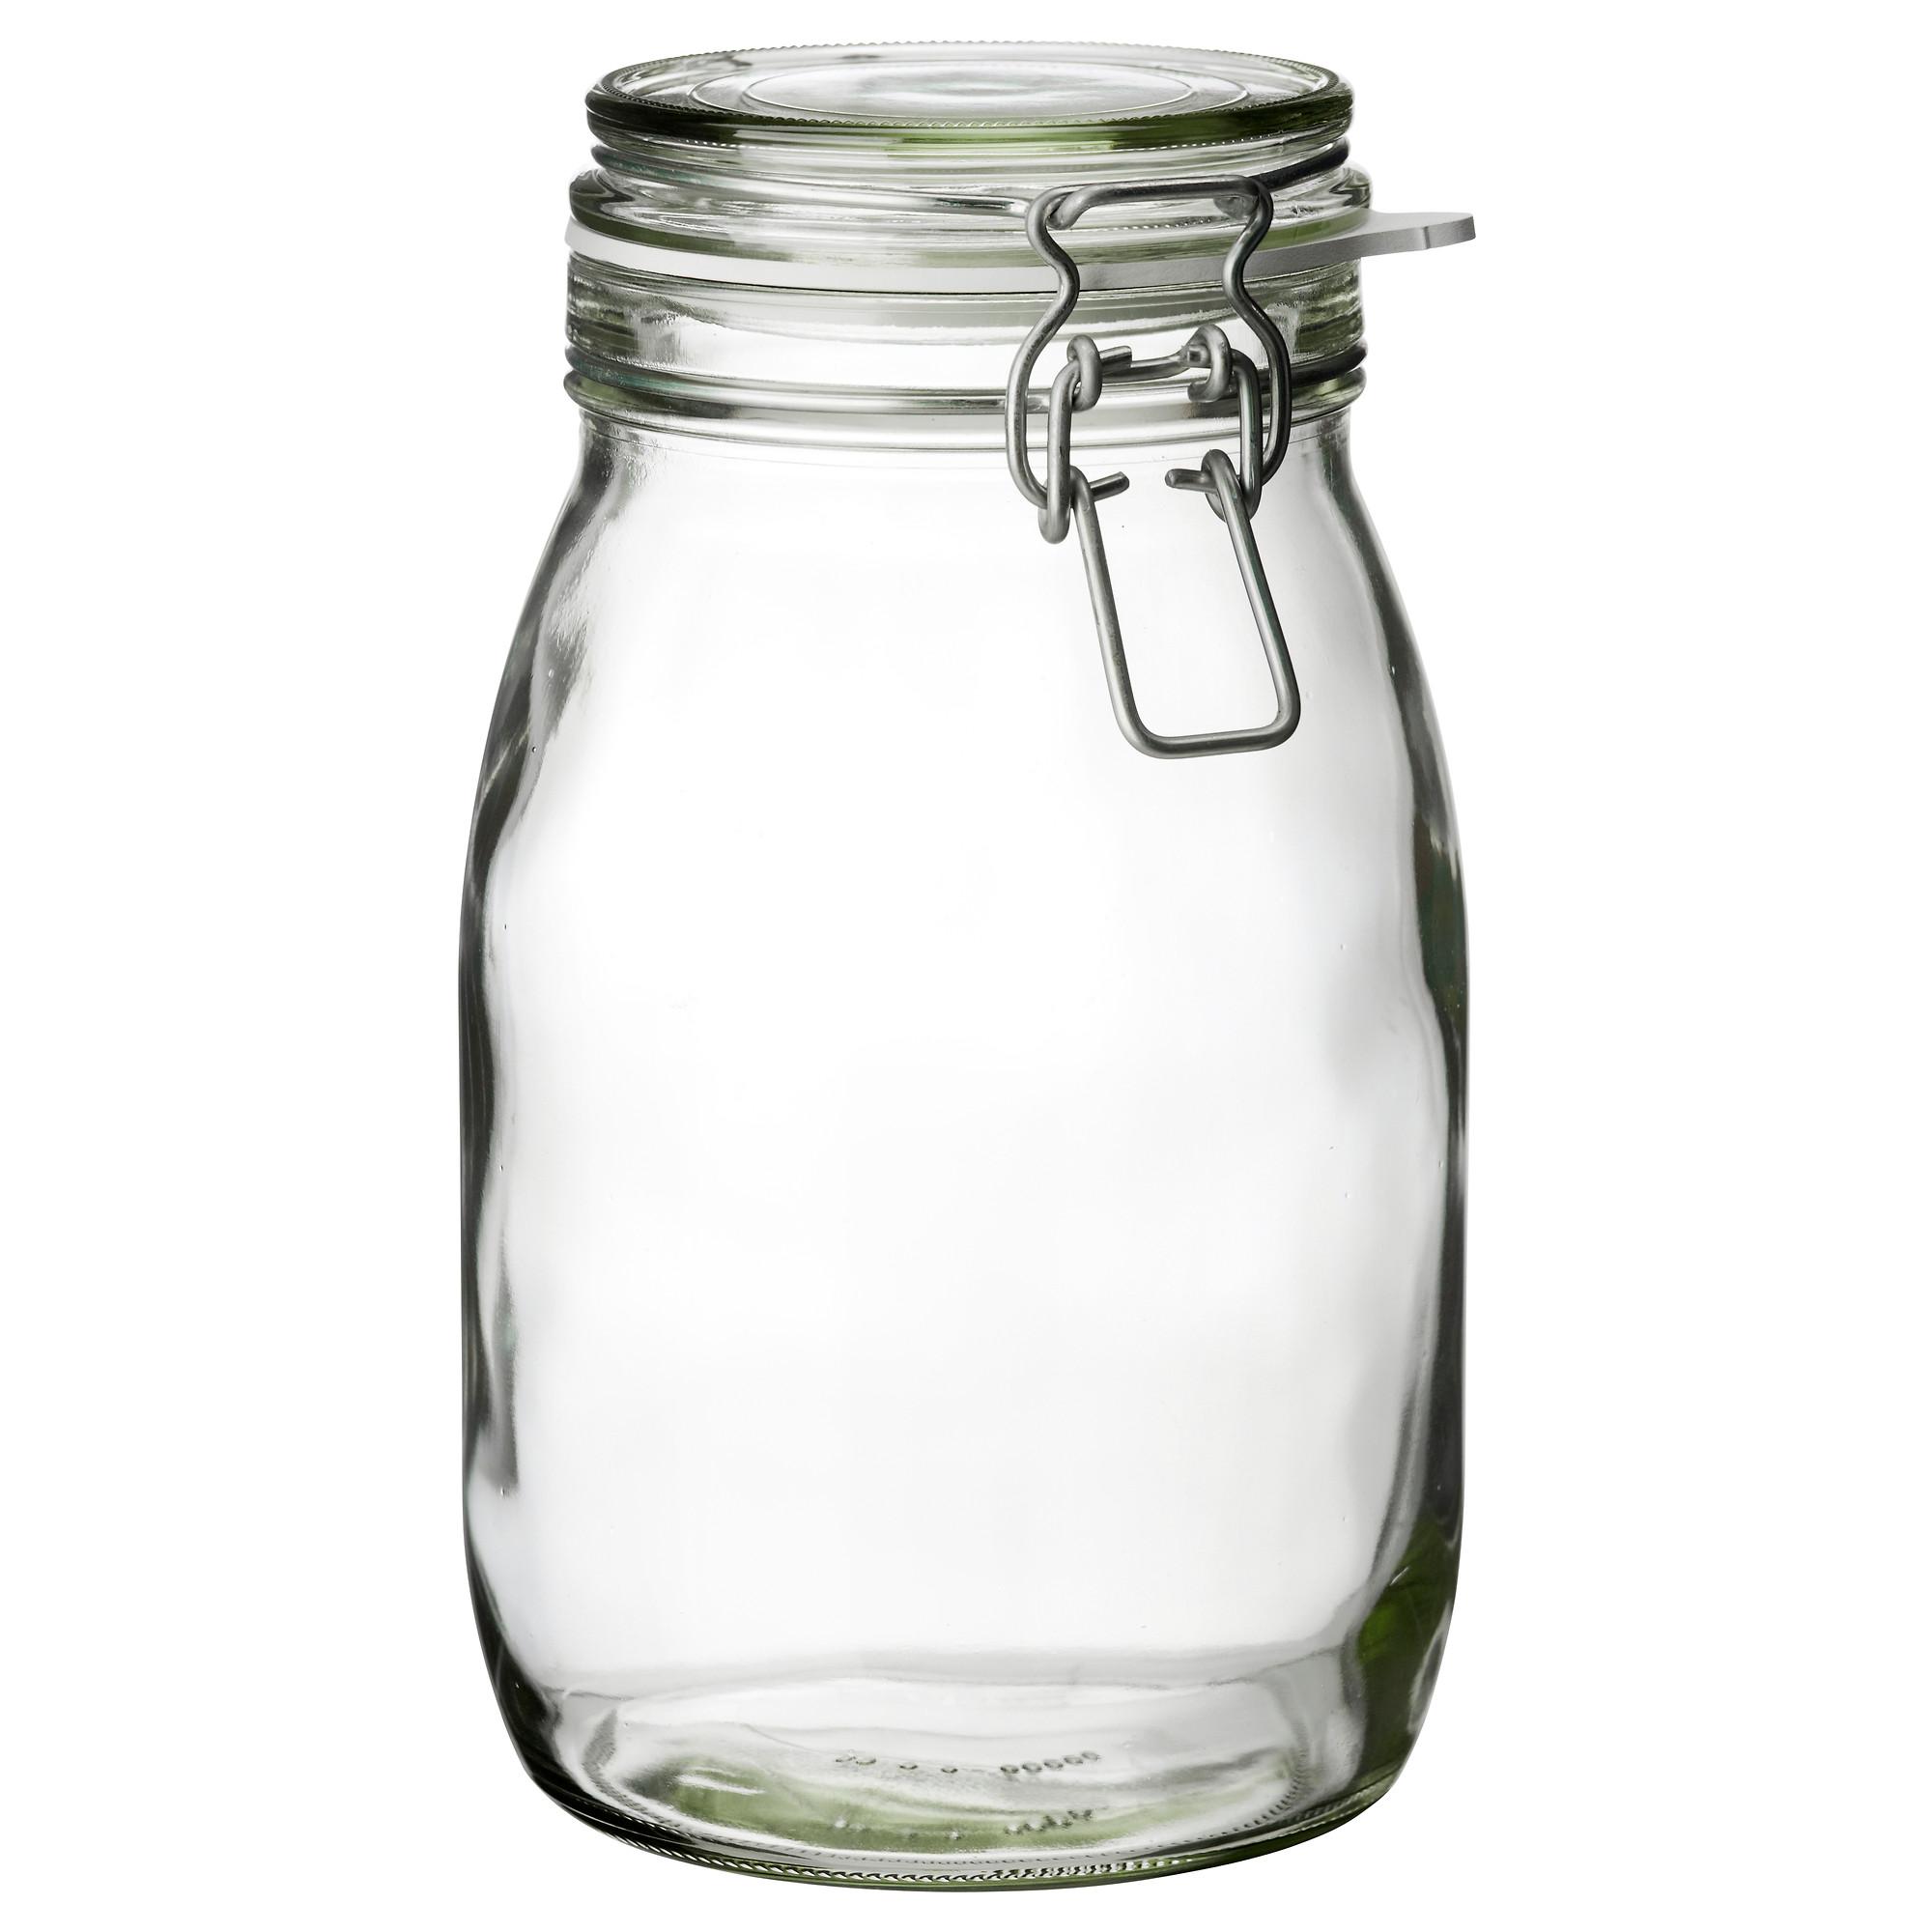 Jar photo